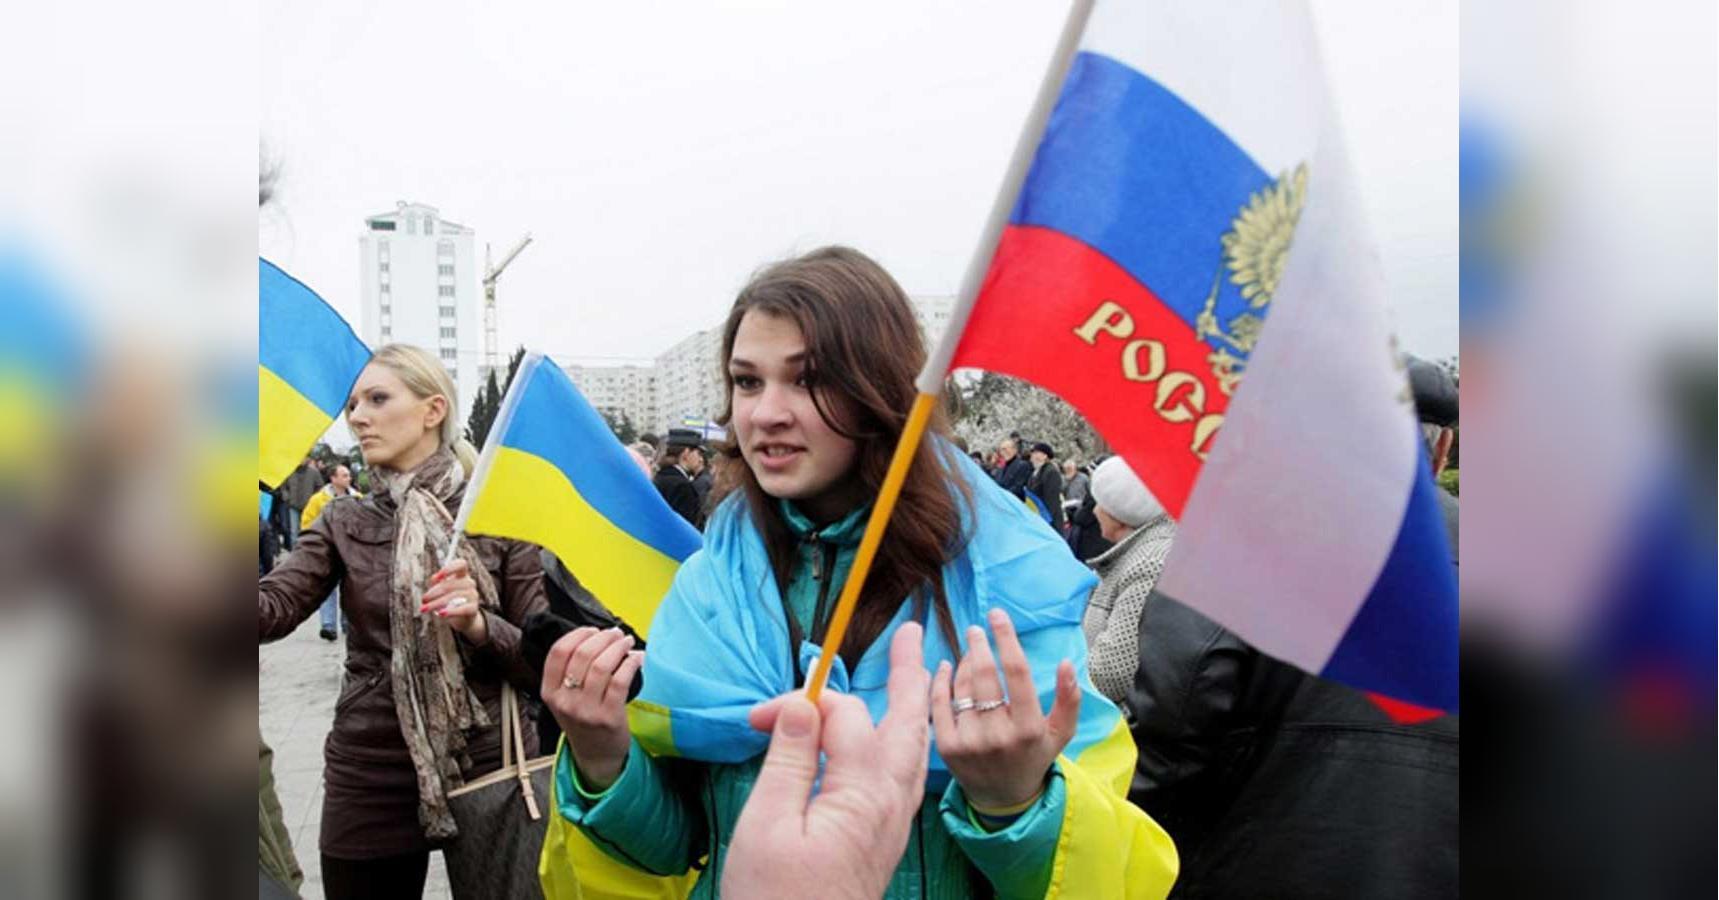 Крым не украина картинки